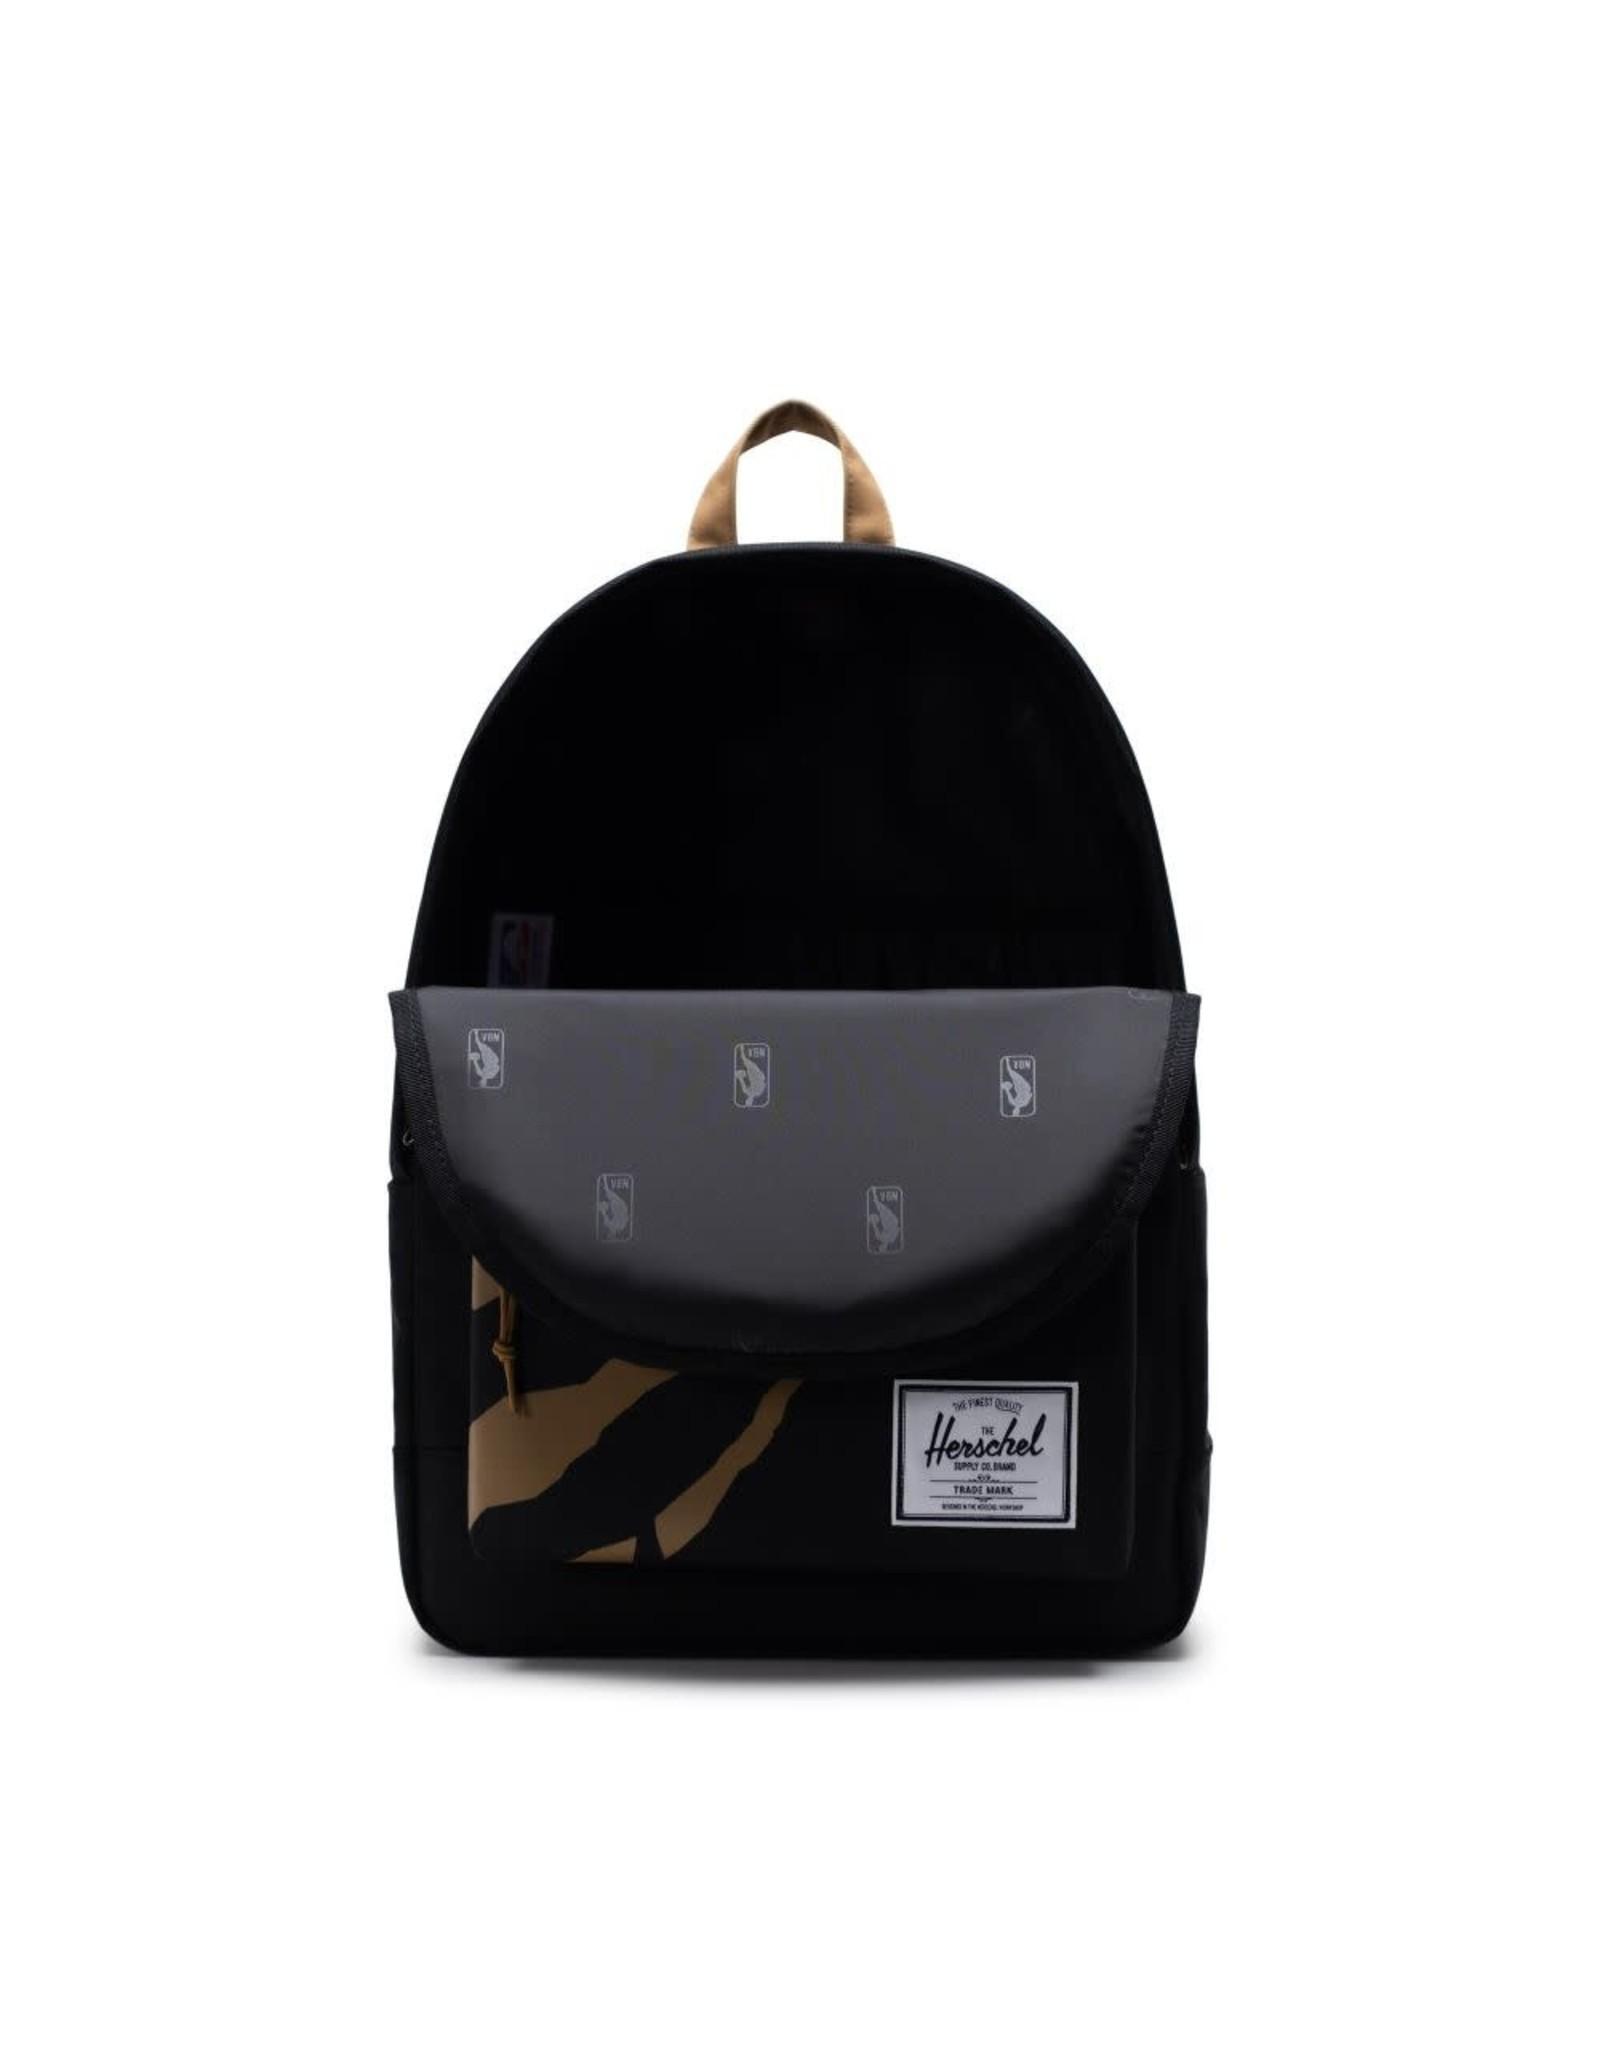 HERSCHEL Herschel toronto backpack